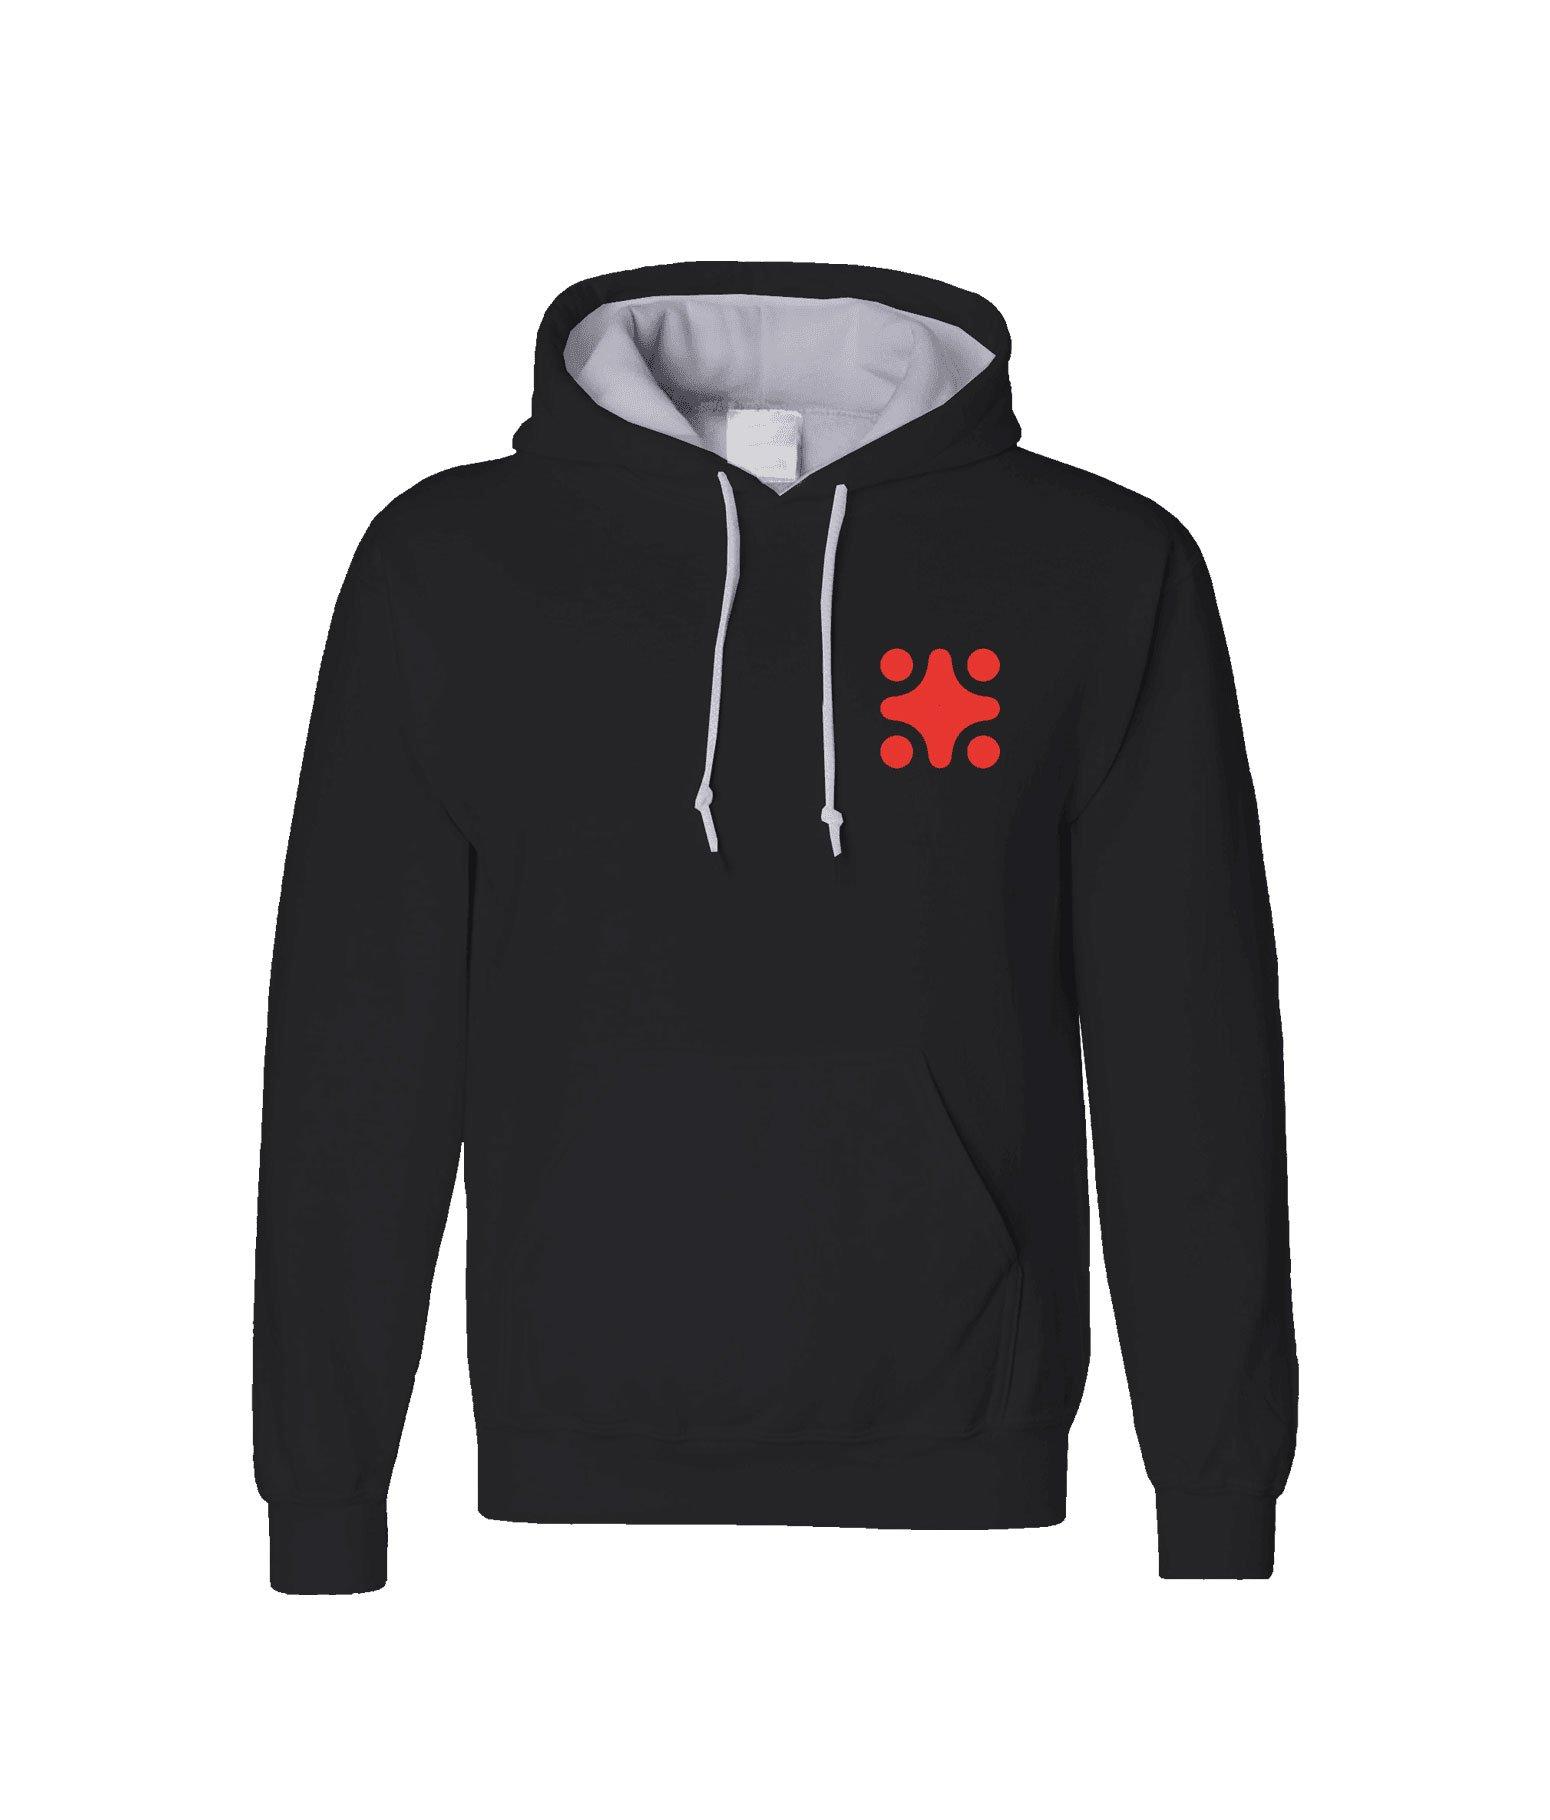 product-black-hoodie